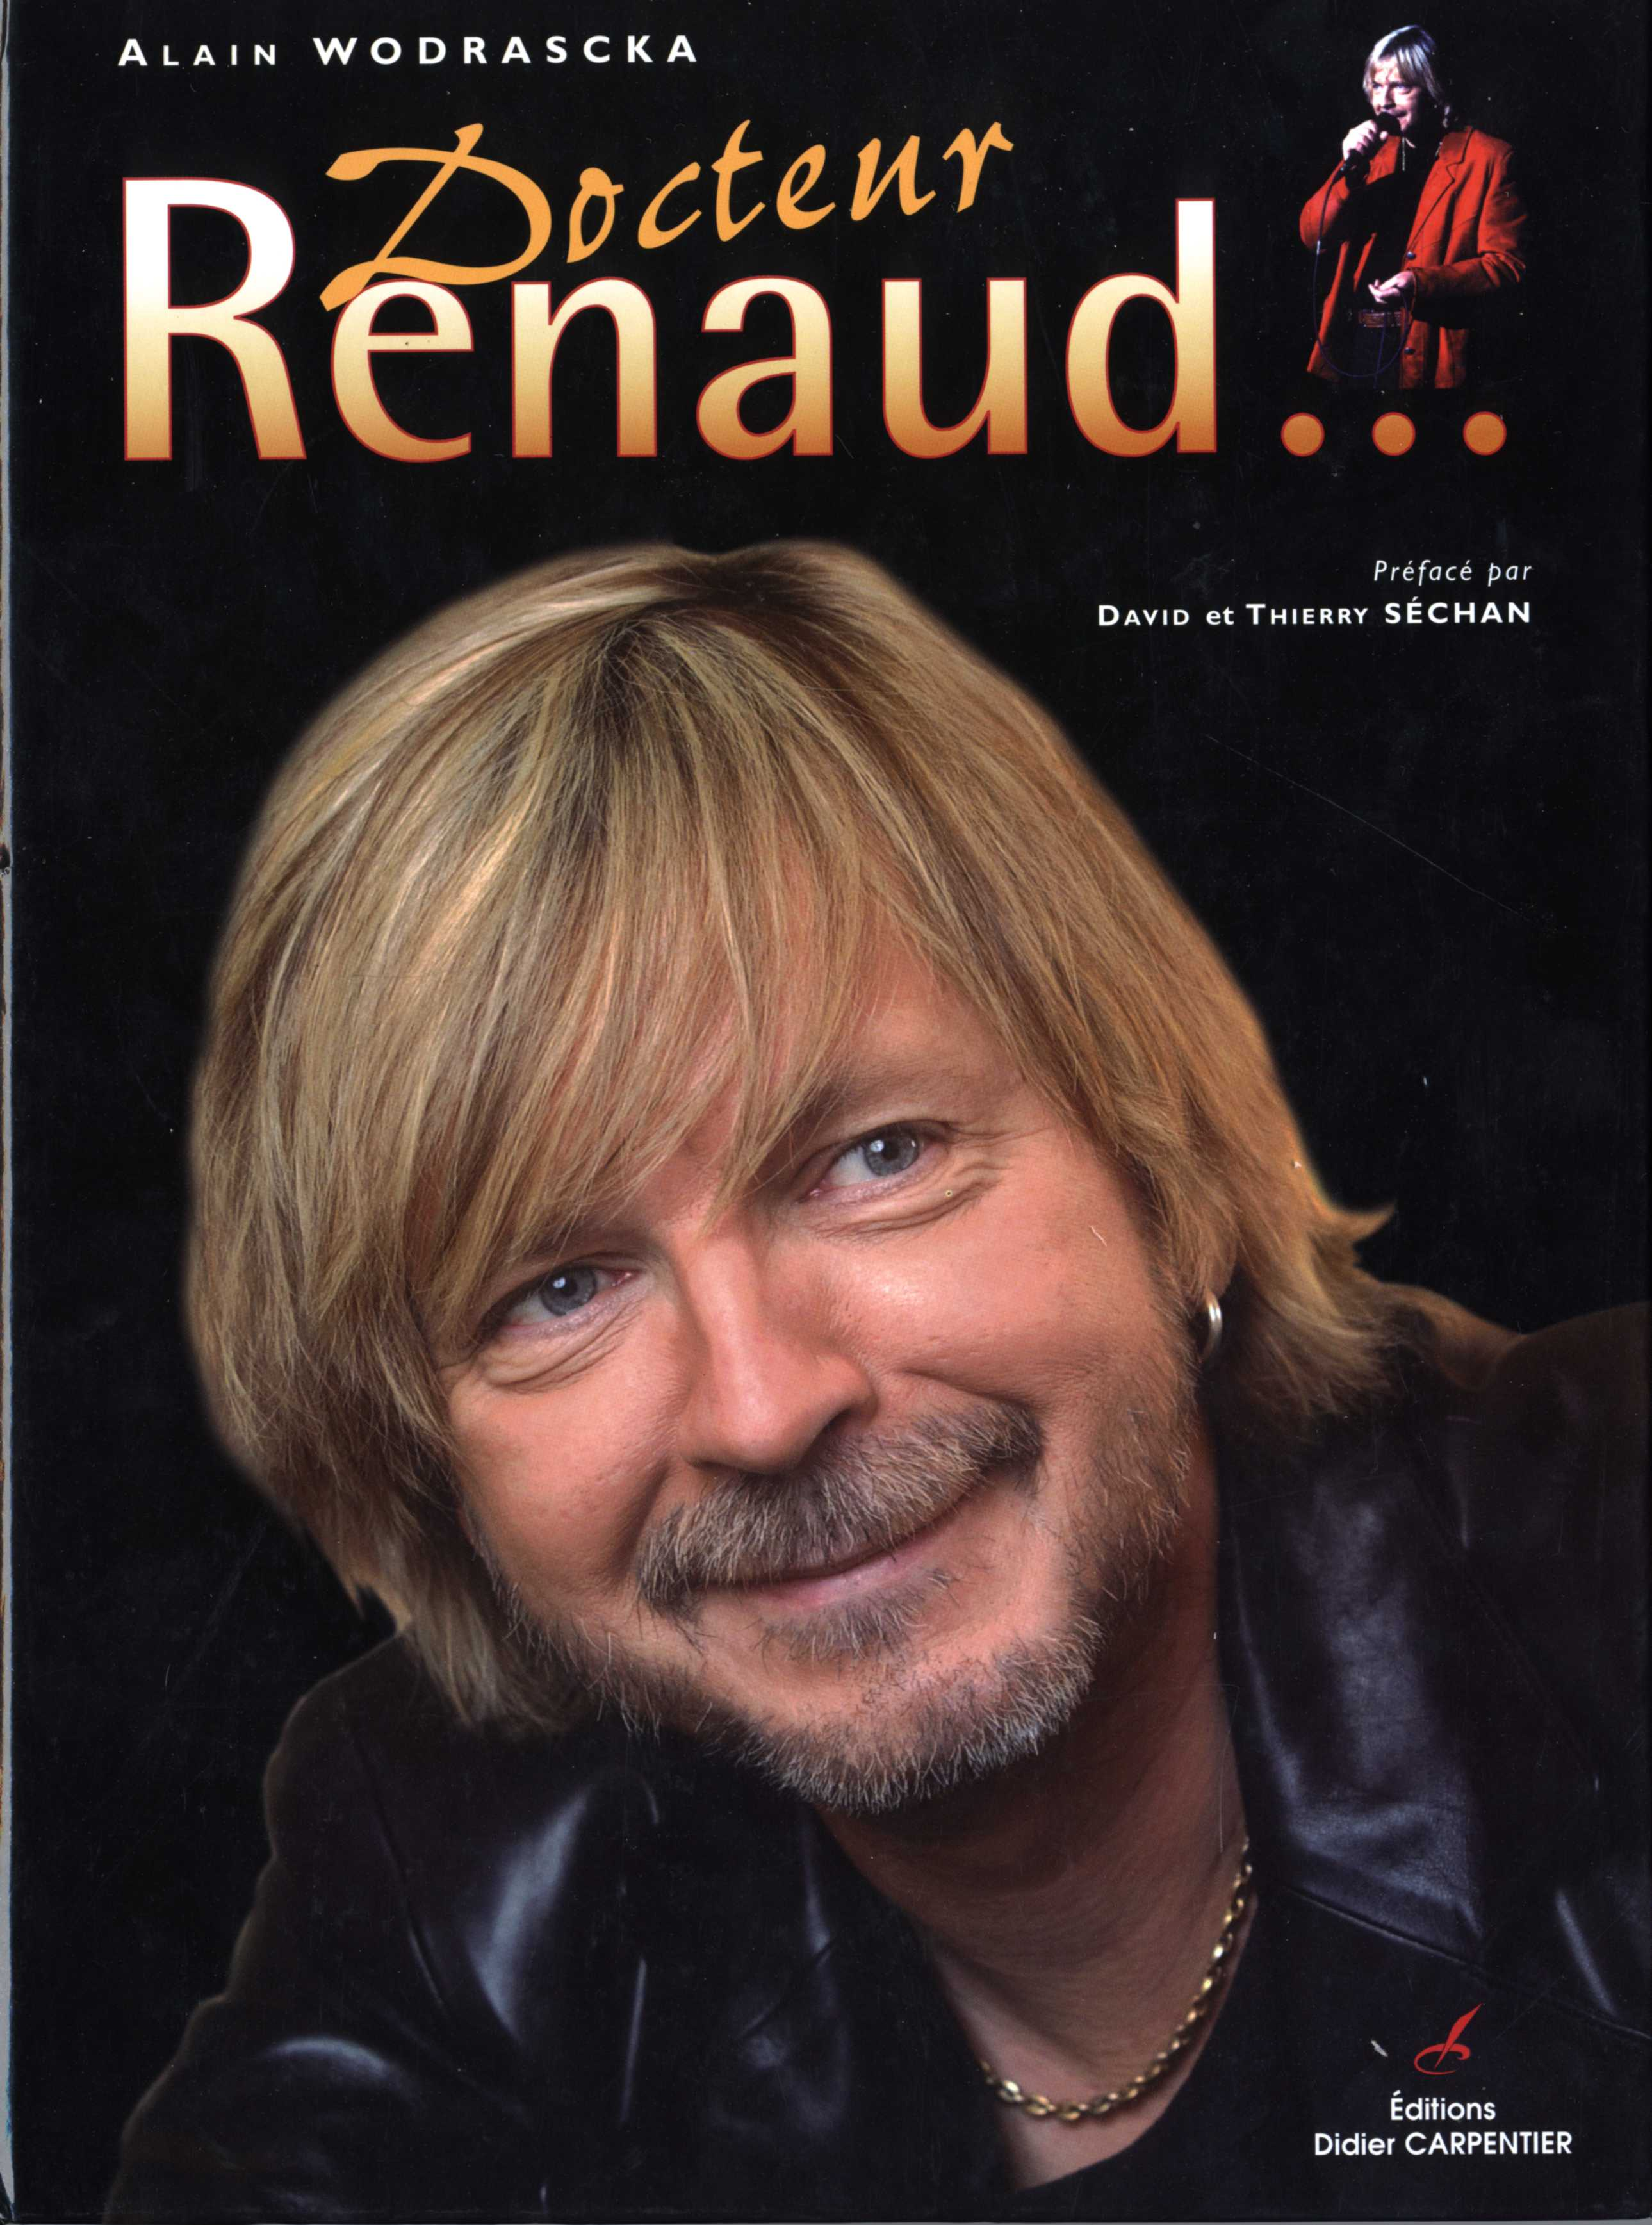 Livre sur Renaud d'Alain Wodrascka - Et s'il n'en reste qu'un